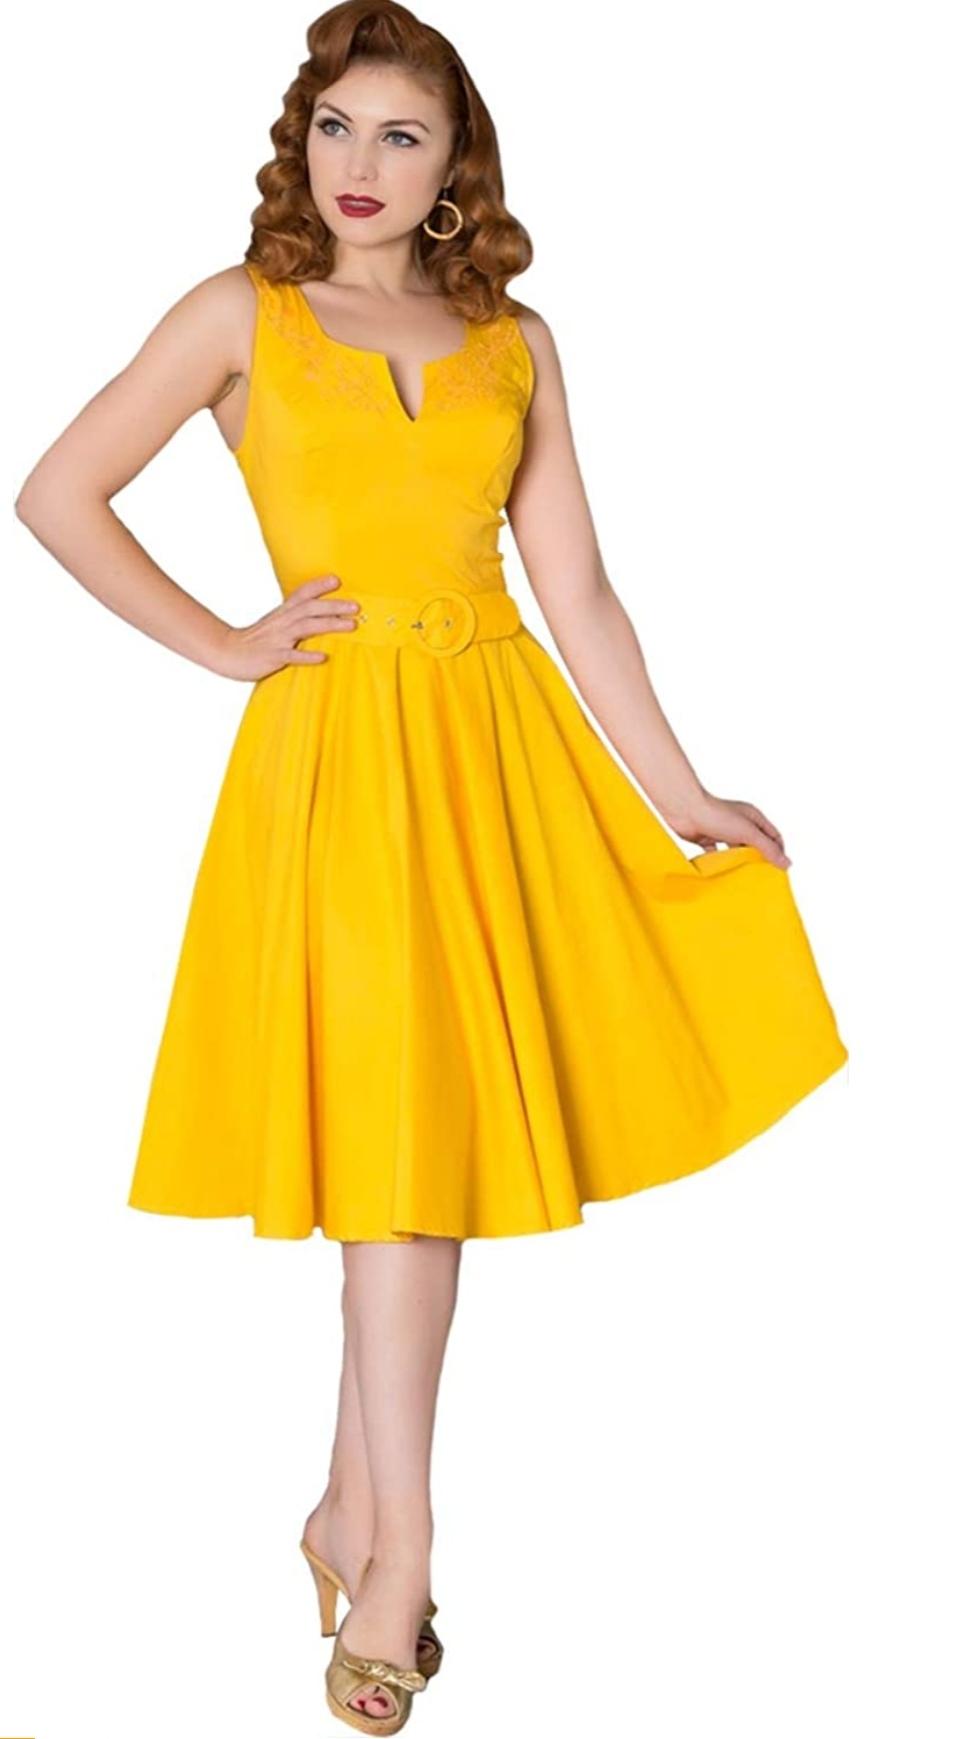 Samantha Swing- Dress